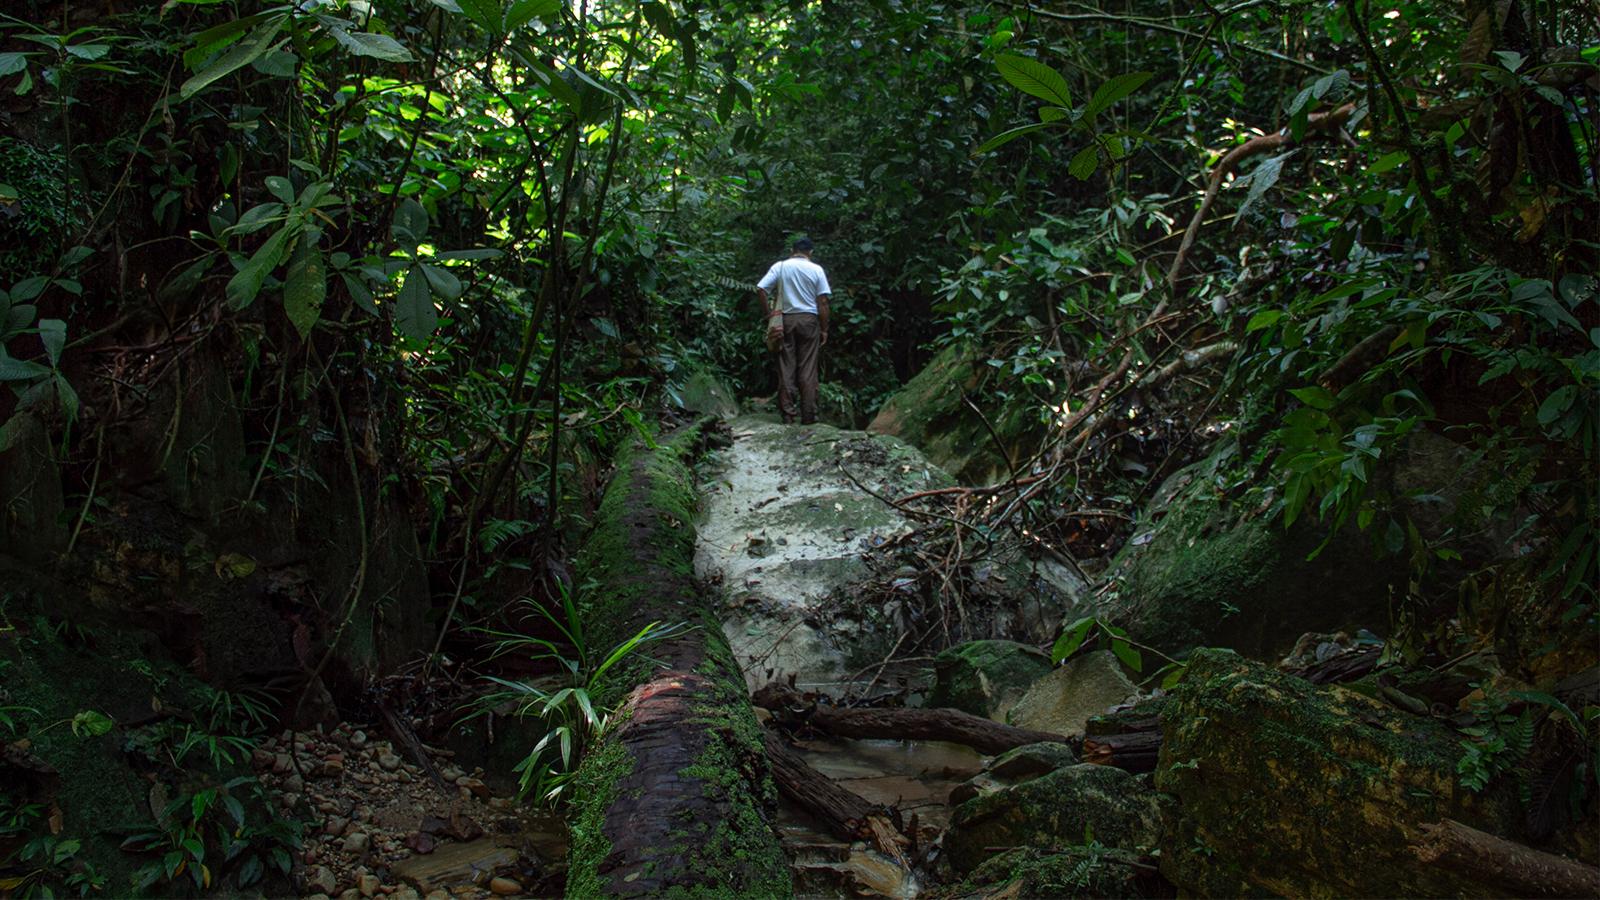 Pedir permiso para entrar a uno de los rincones donde comienza la Amazonia